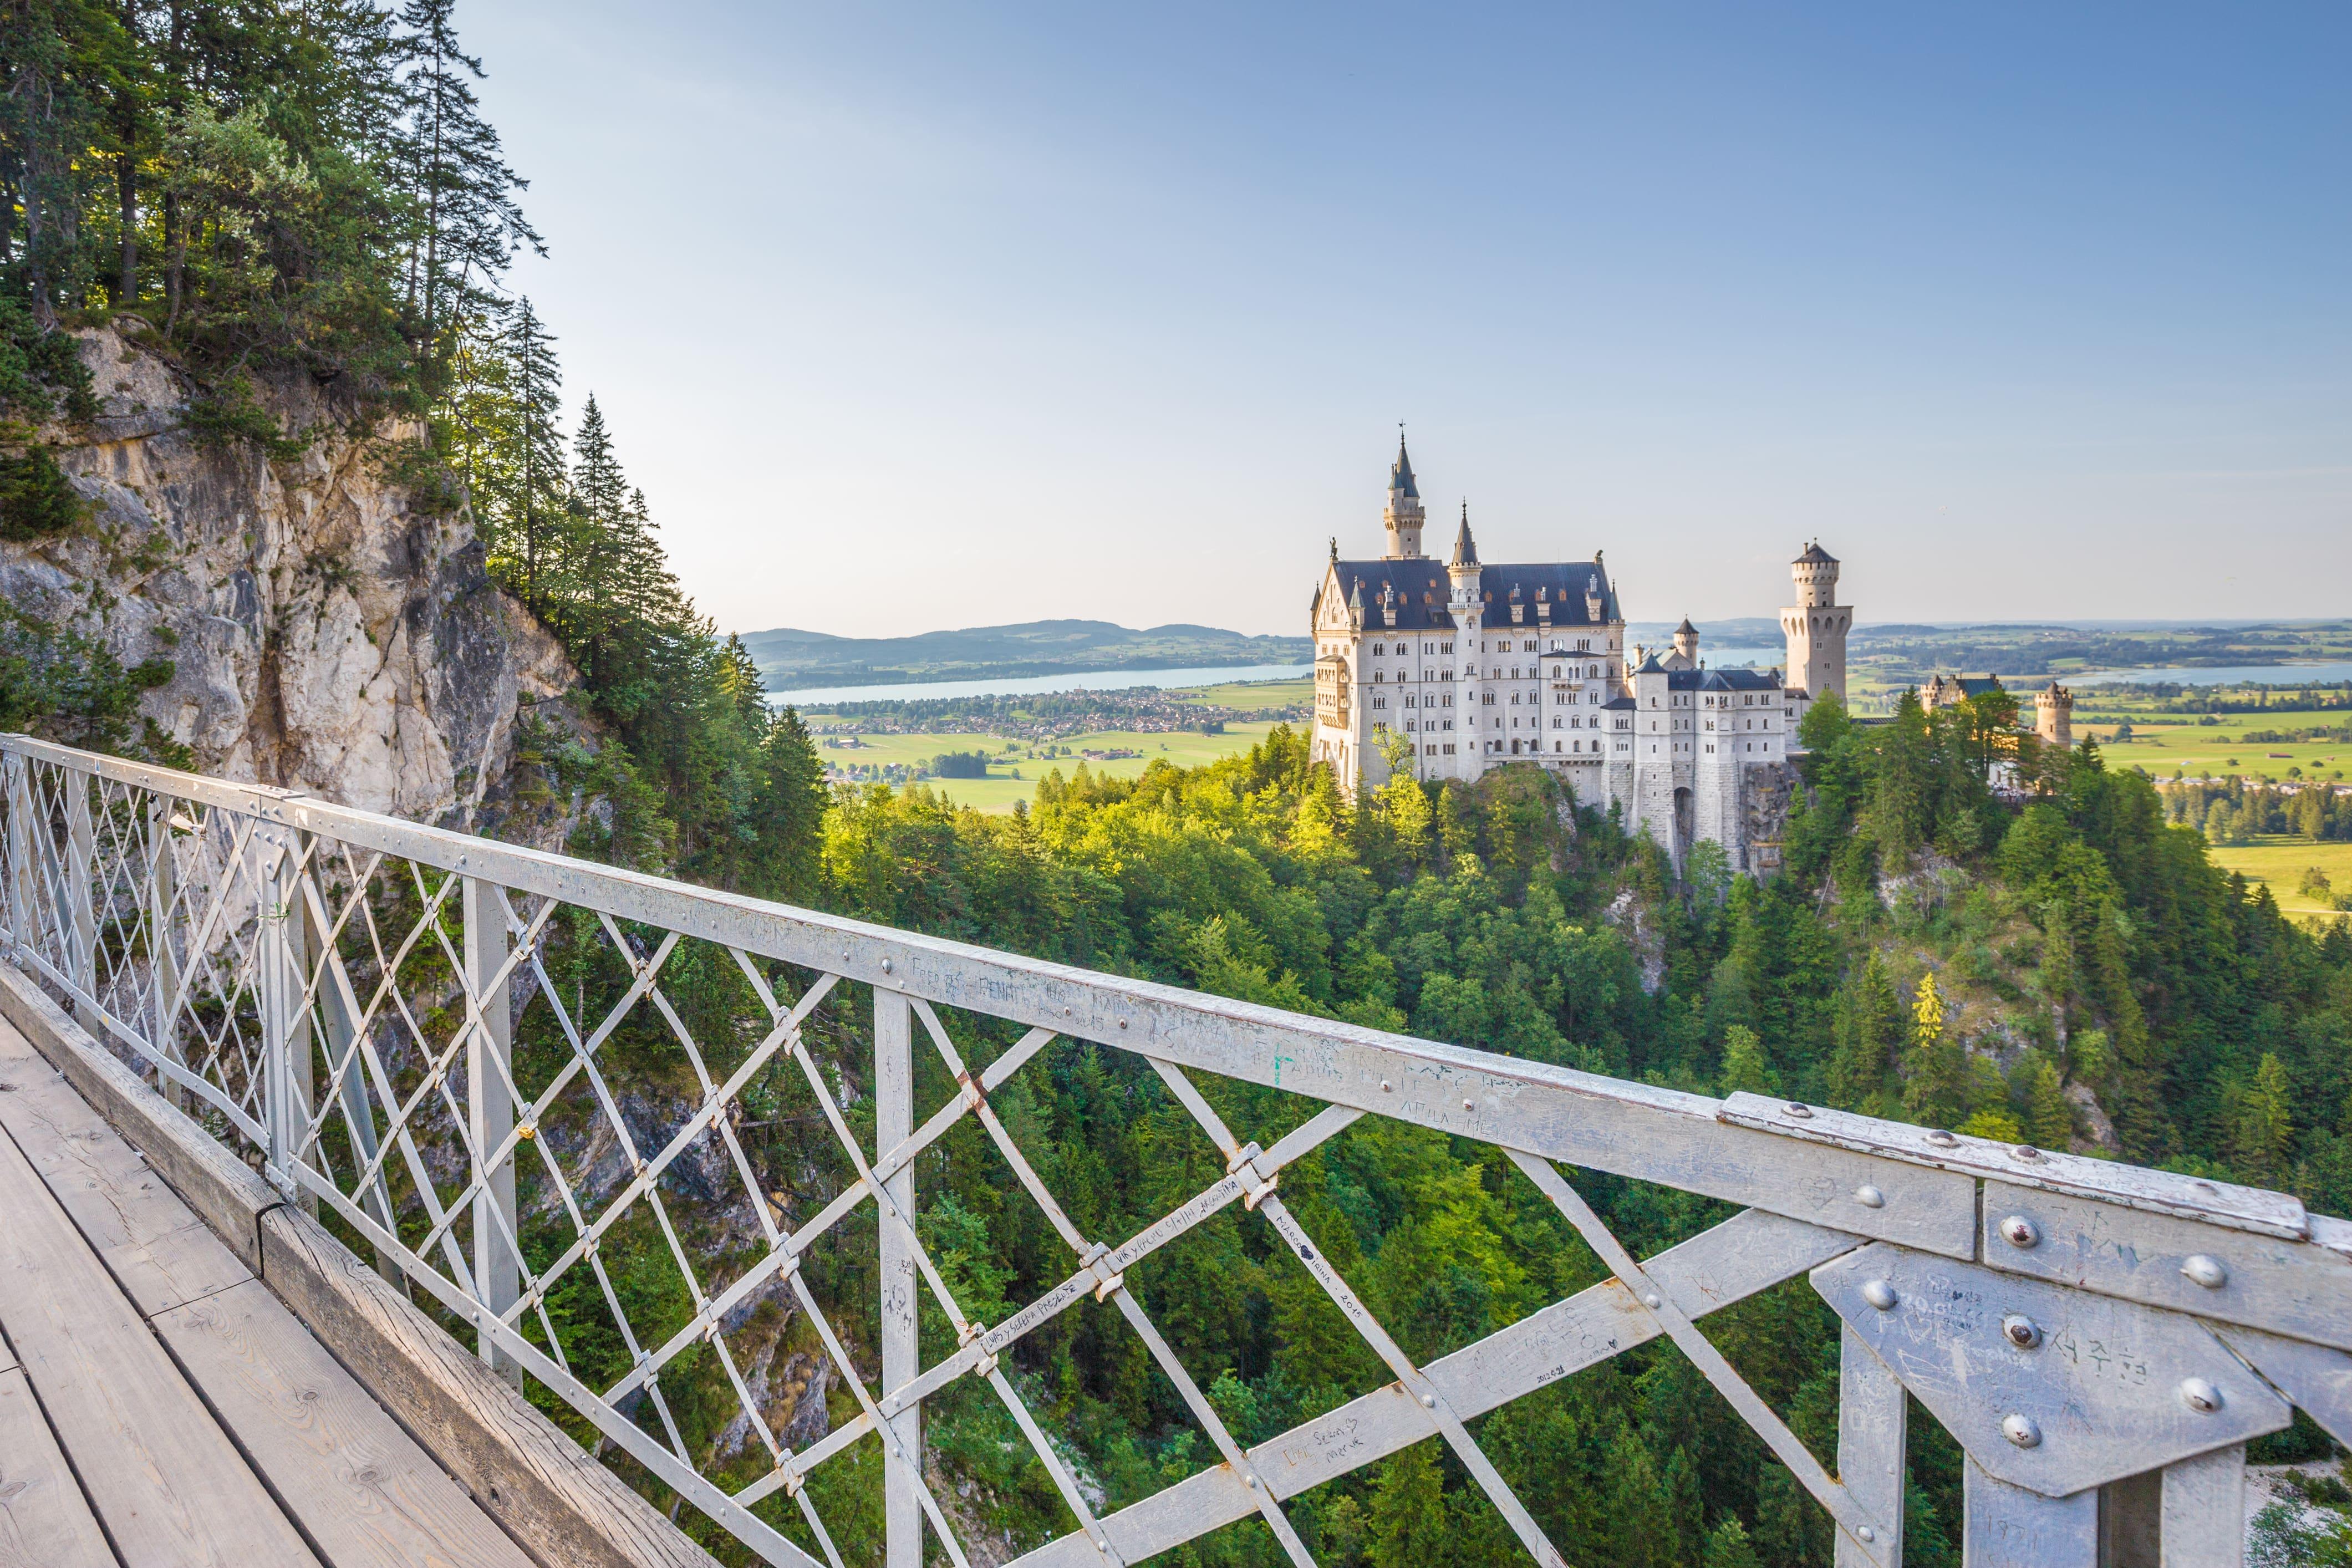 Neuschwanstein castle from Queen Mary's Bridge